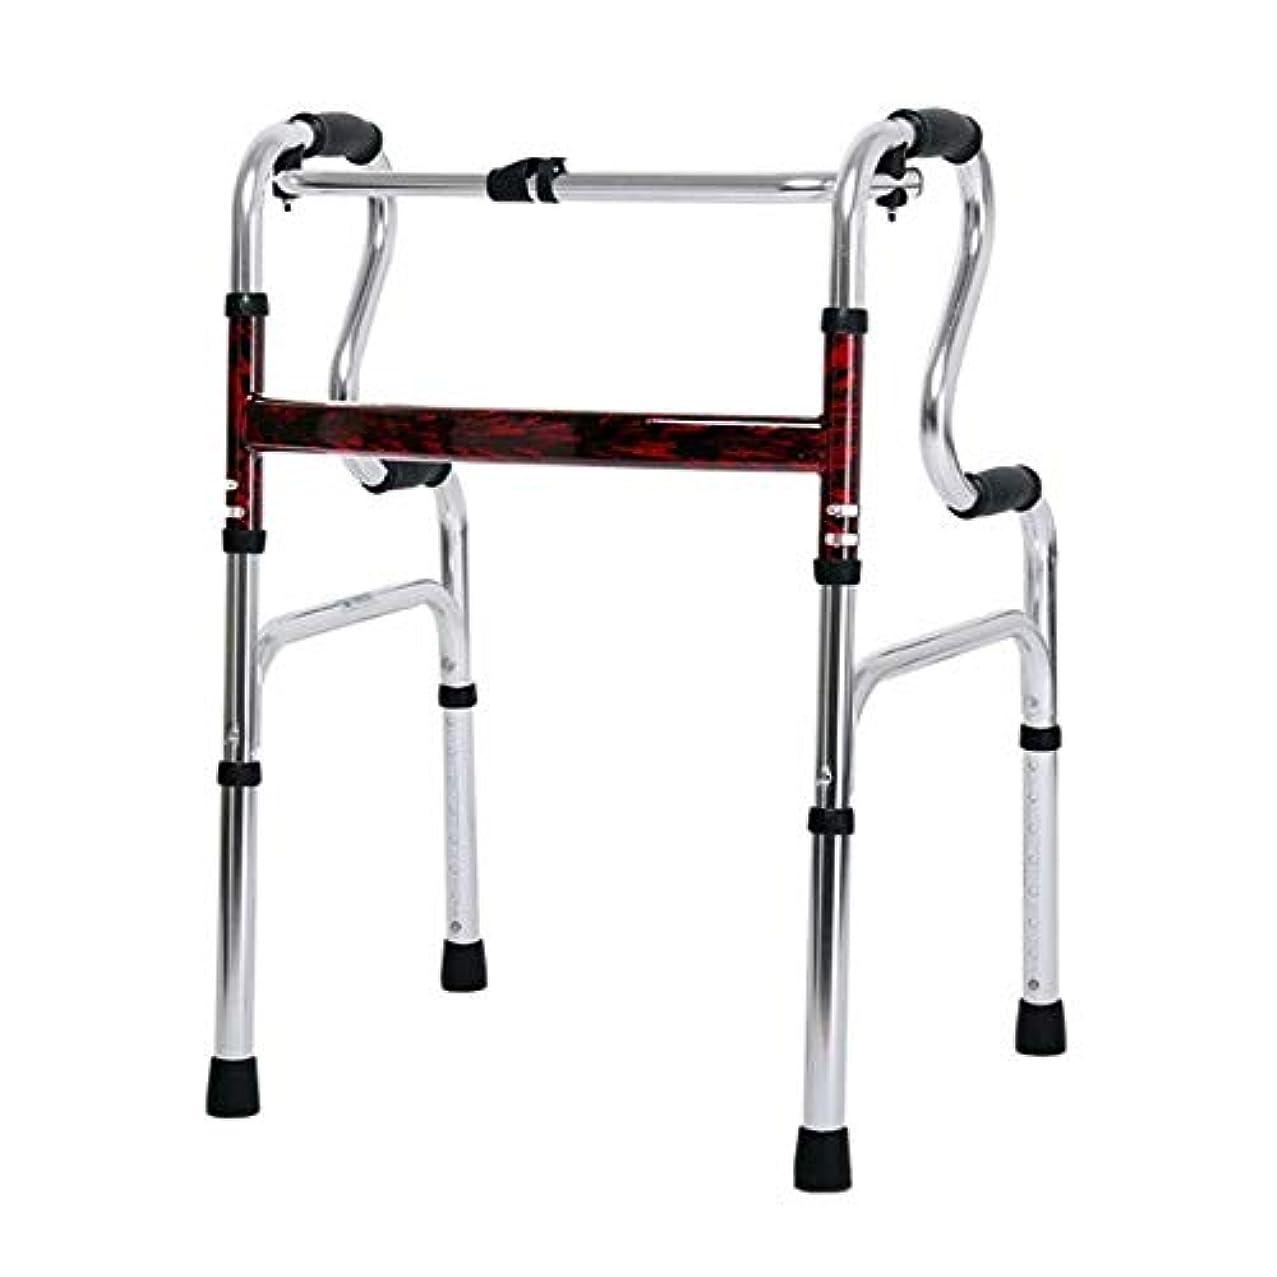 名目上のキャベツモールリハビリテーション歩行器、多機能高齢者歩行ブラケット、身体障害者用両腕歩行器 (Color : 銀)